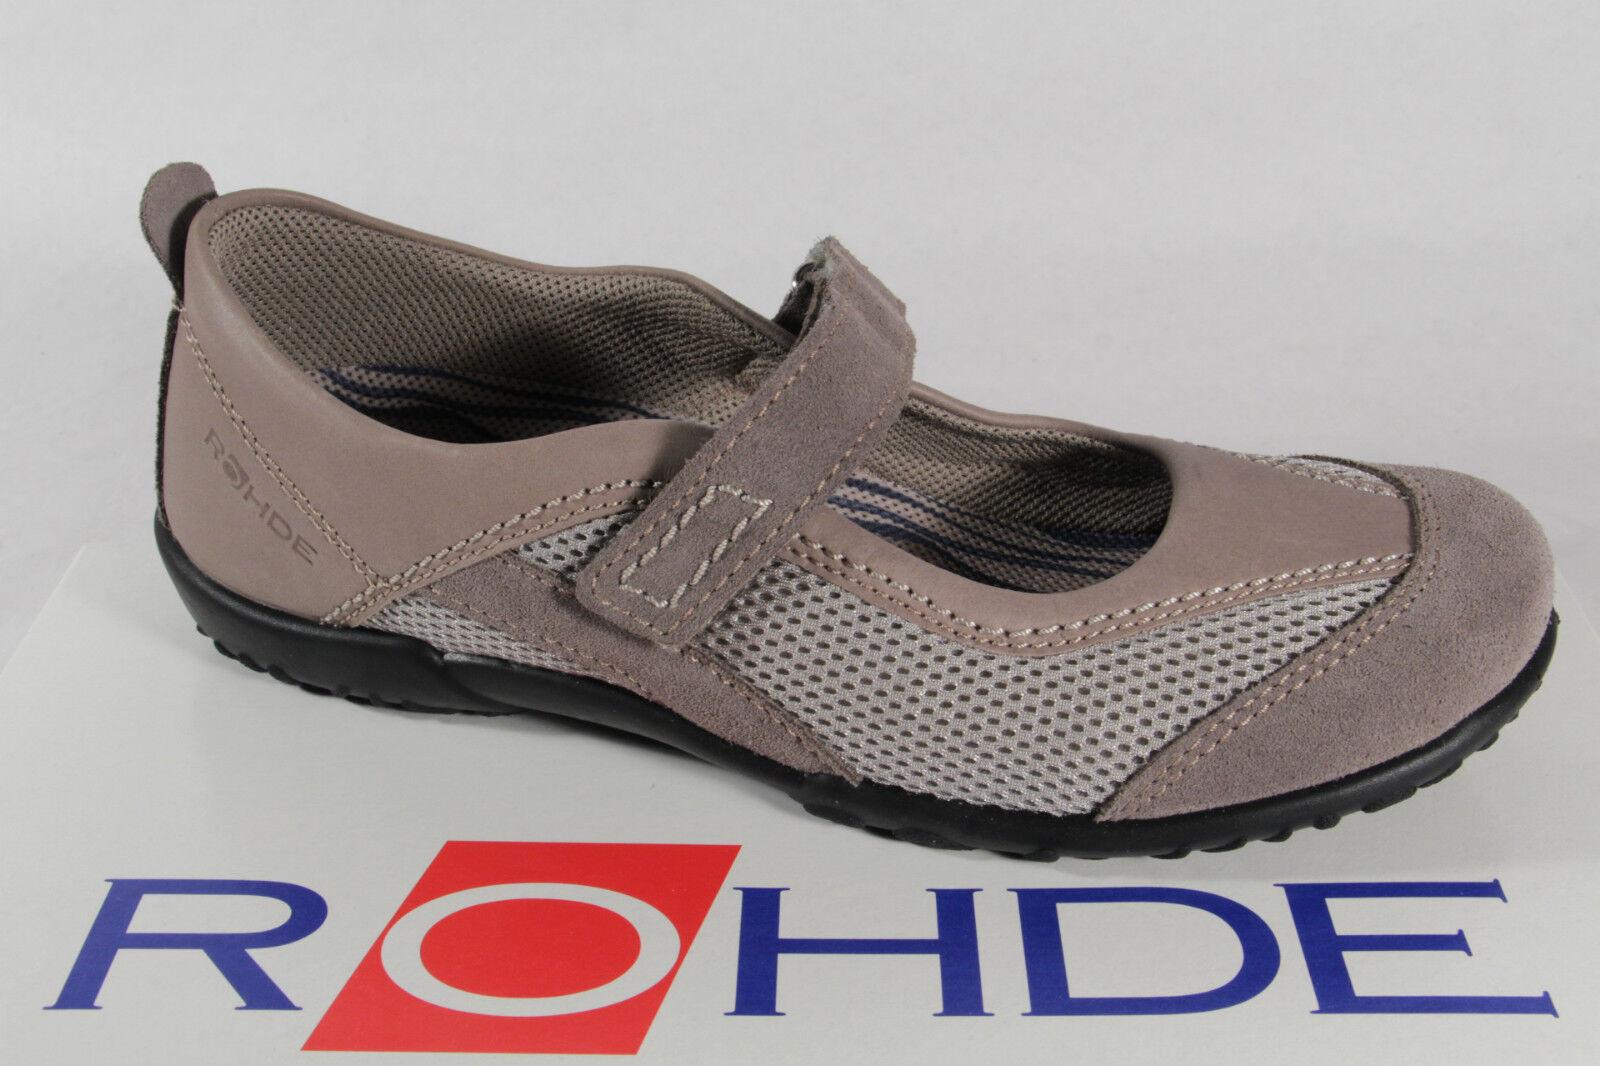 Rohde Slipper mit Wechselußbett für Einlagen geeignet, grau  beige NEU